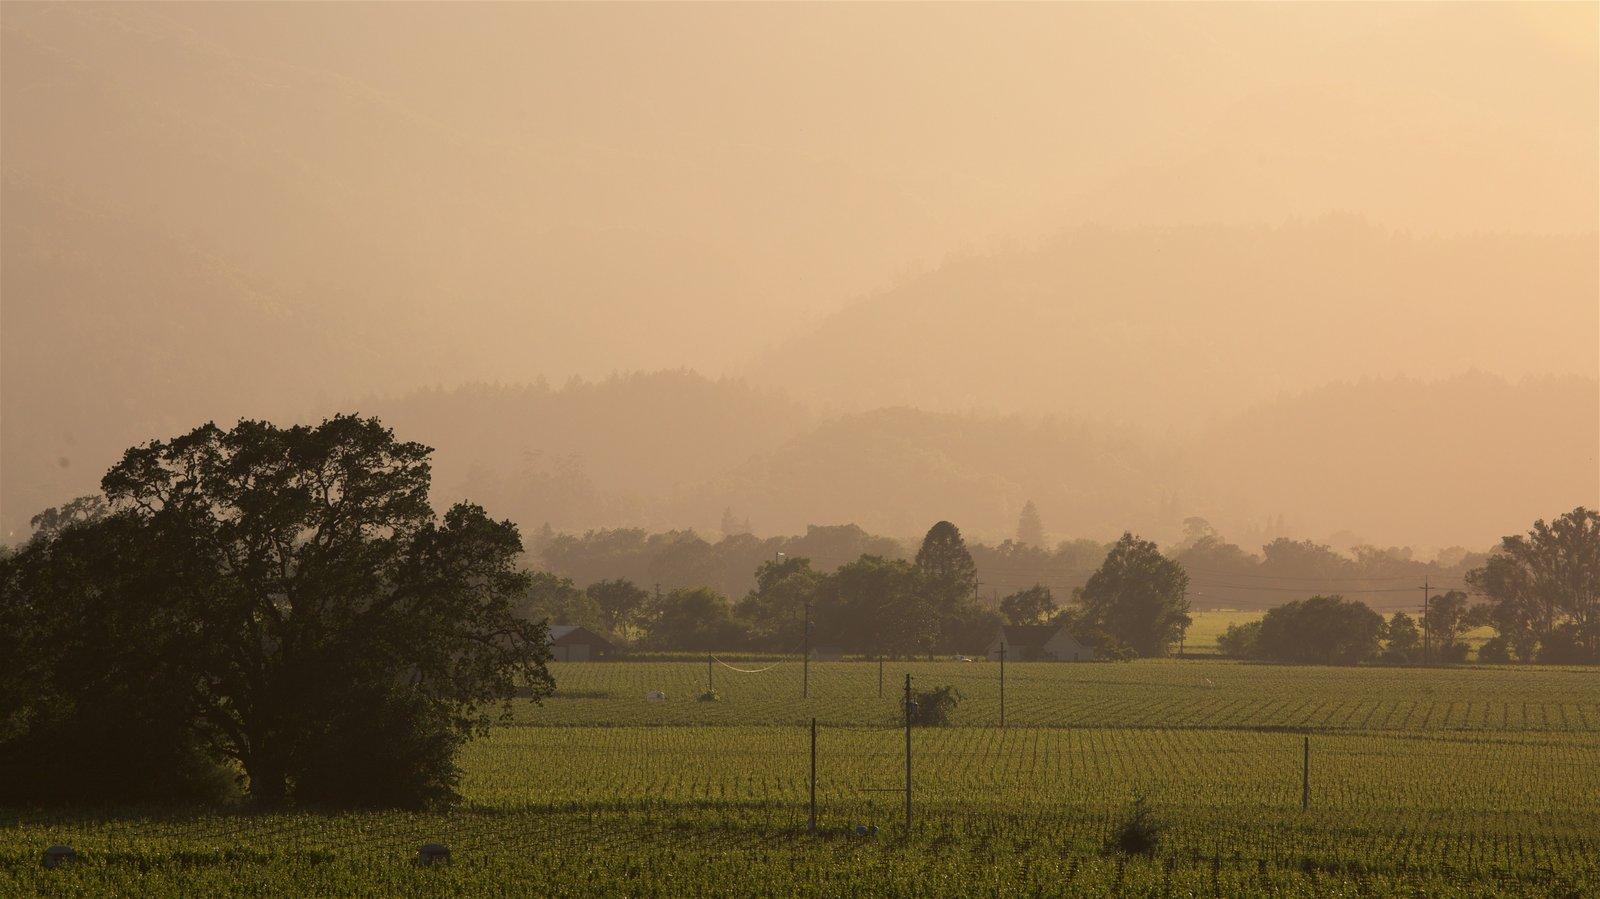 Napa Valley mostrando tierras de cultivo, escenas tranquilas y una puesta de sol